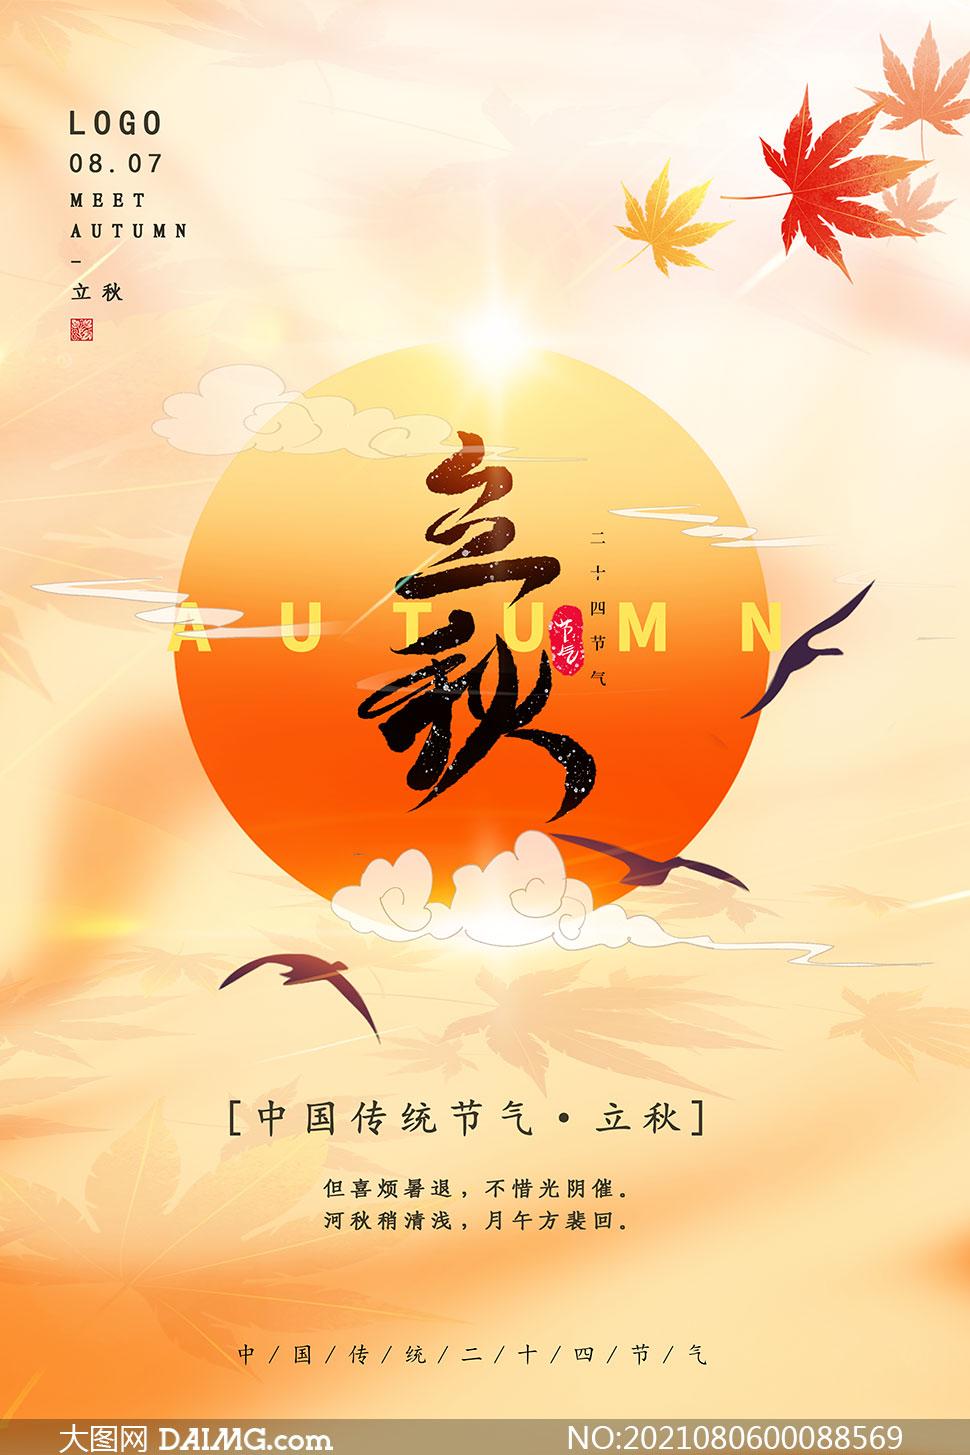 中國傳統立秋節氣海報設計PSD模板